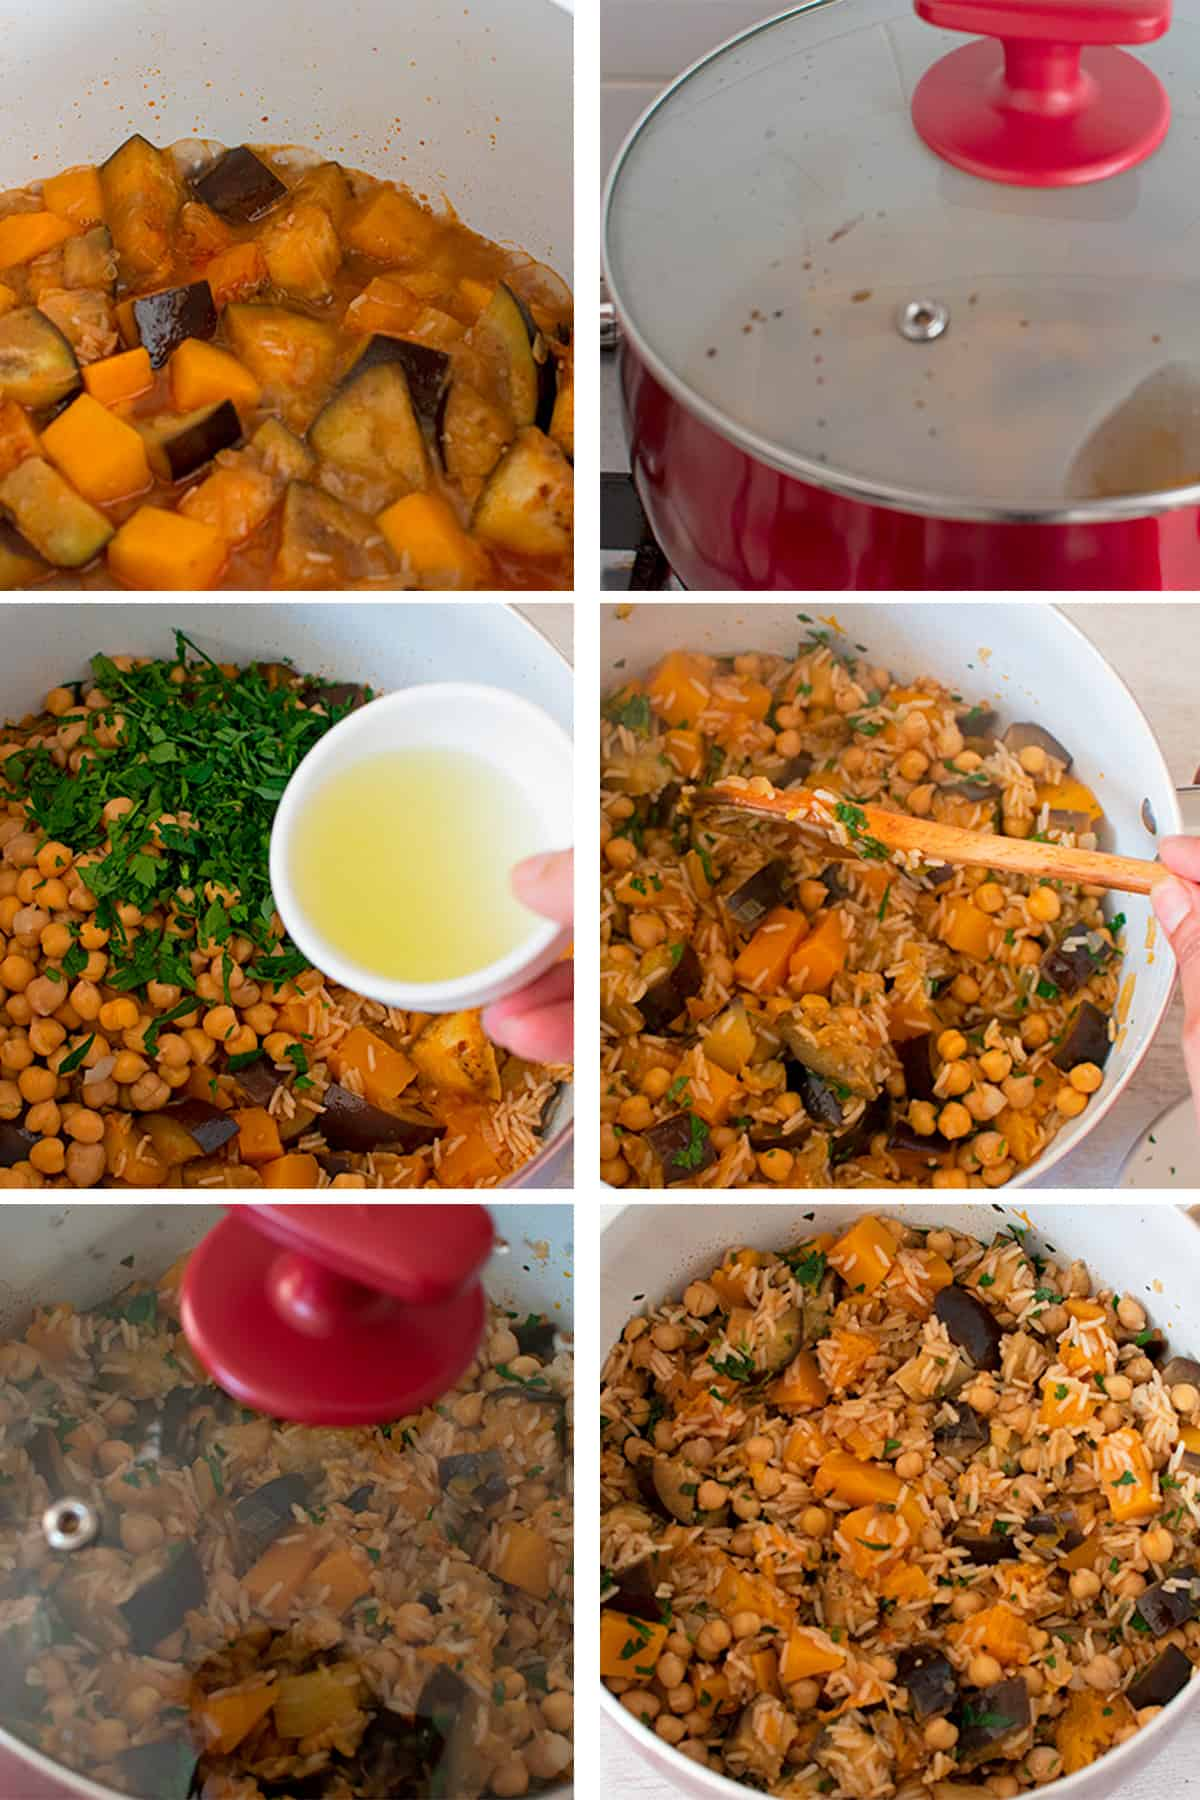 receta paso a paso para preparar un arroz estilo pilaf con berenjena, calabaza y garbanzos